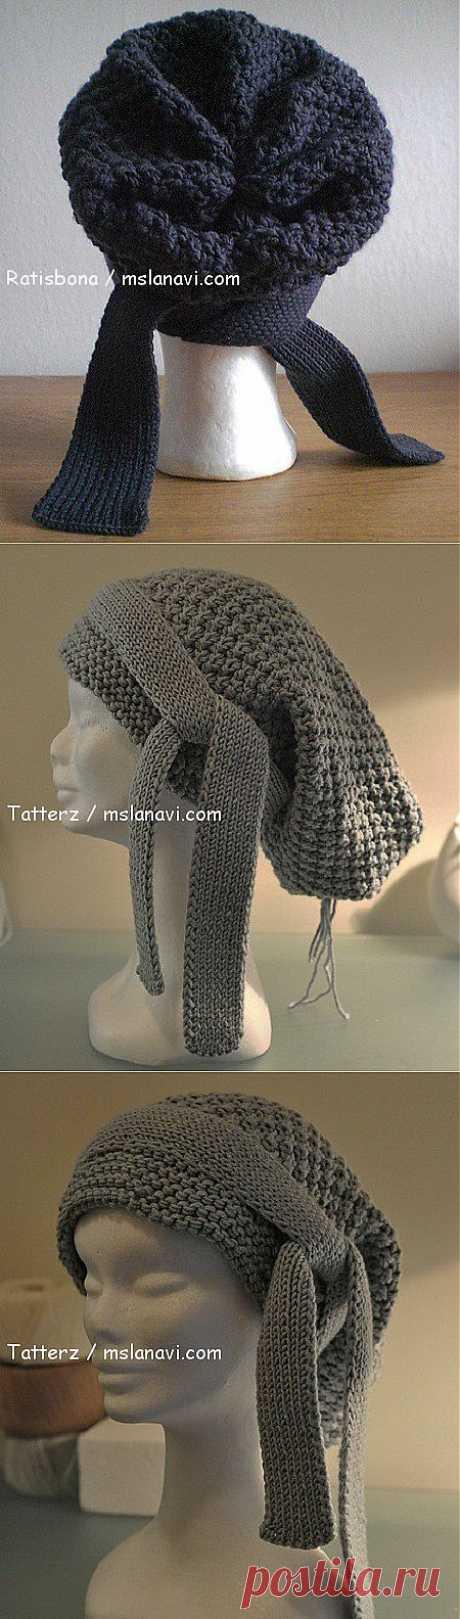 Вязаная шапка-бандана | Вяжем с Ланой